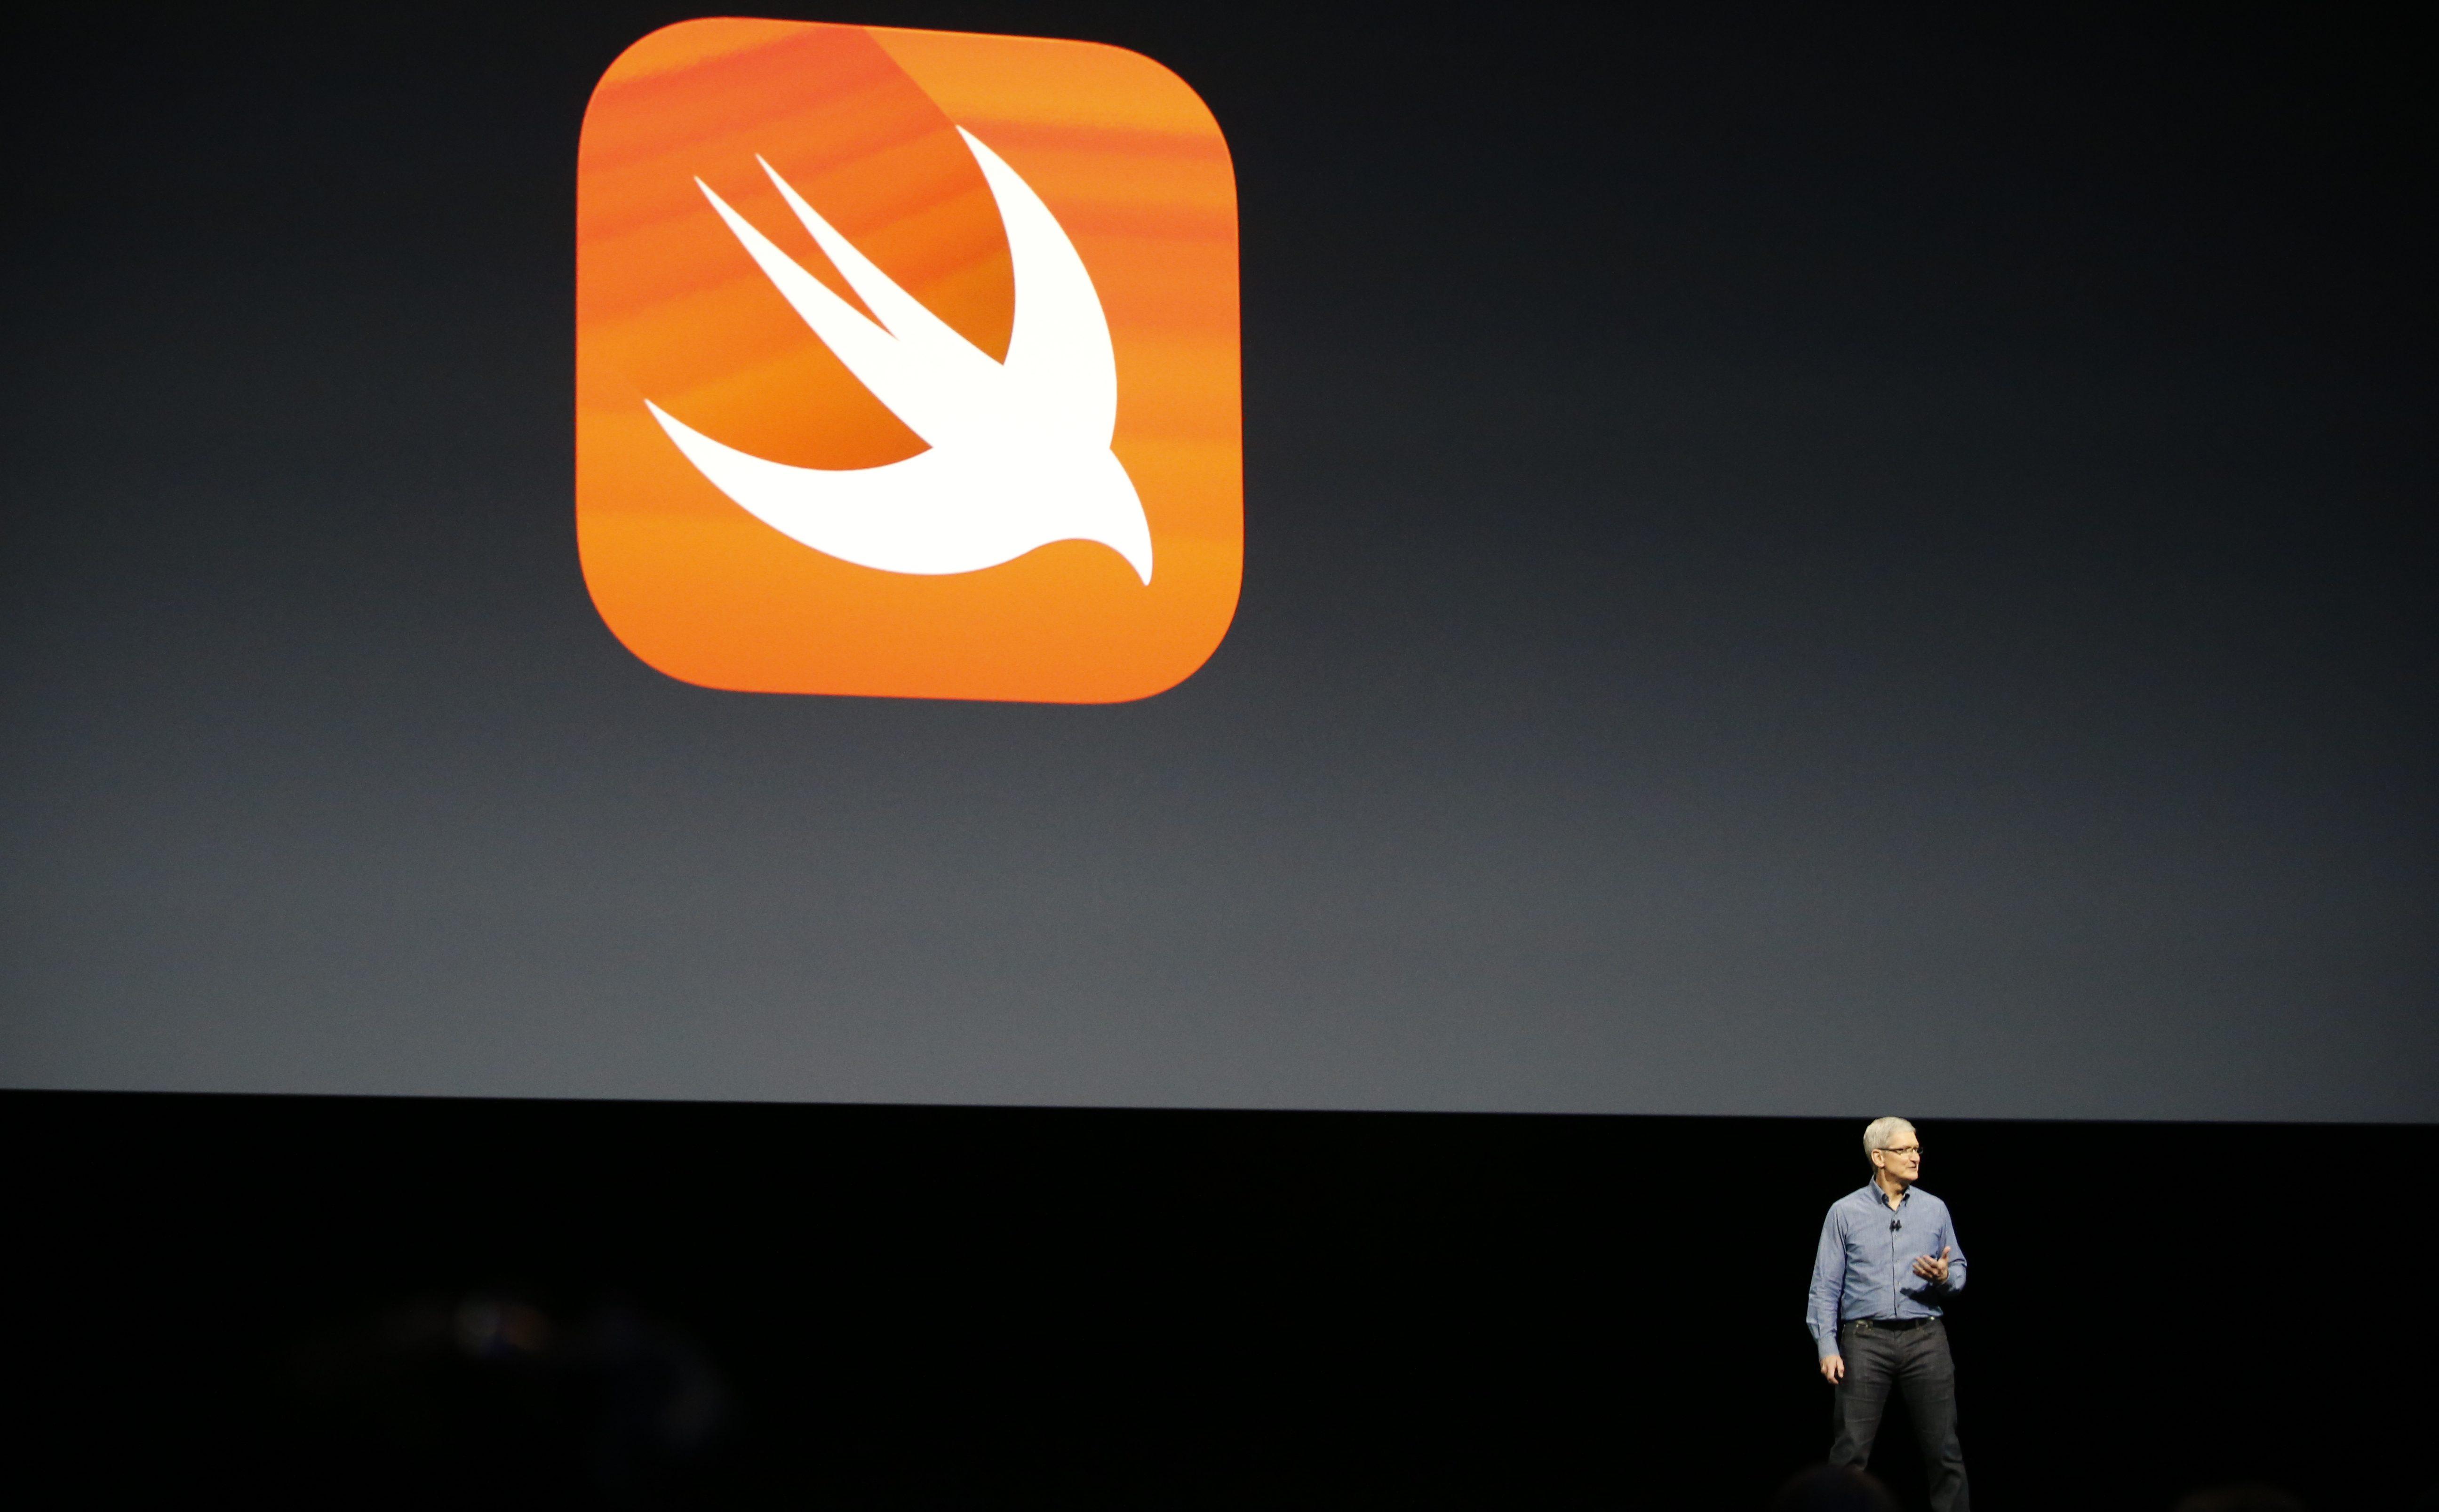 Apple needs a Swift turnaround.